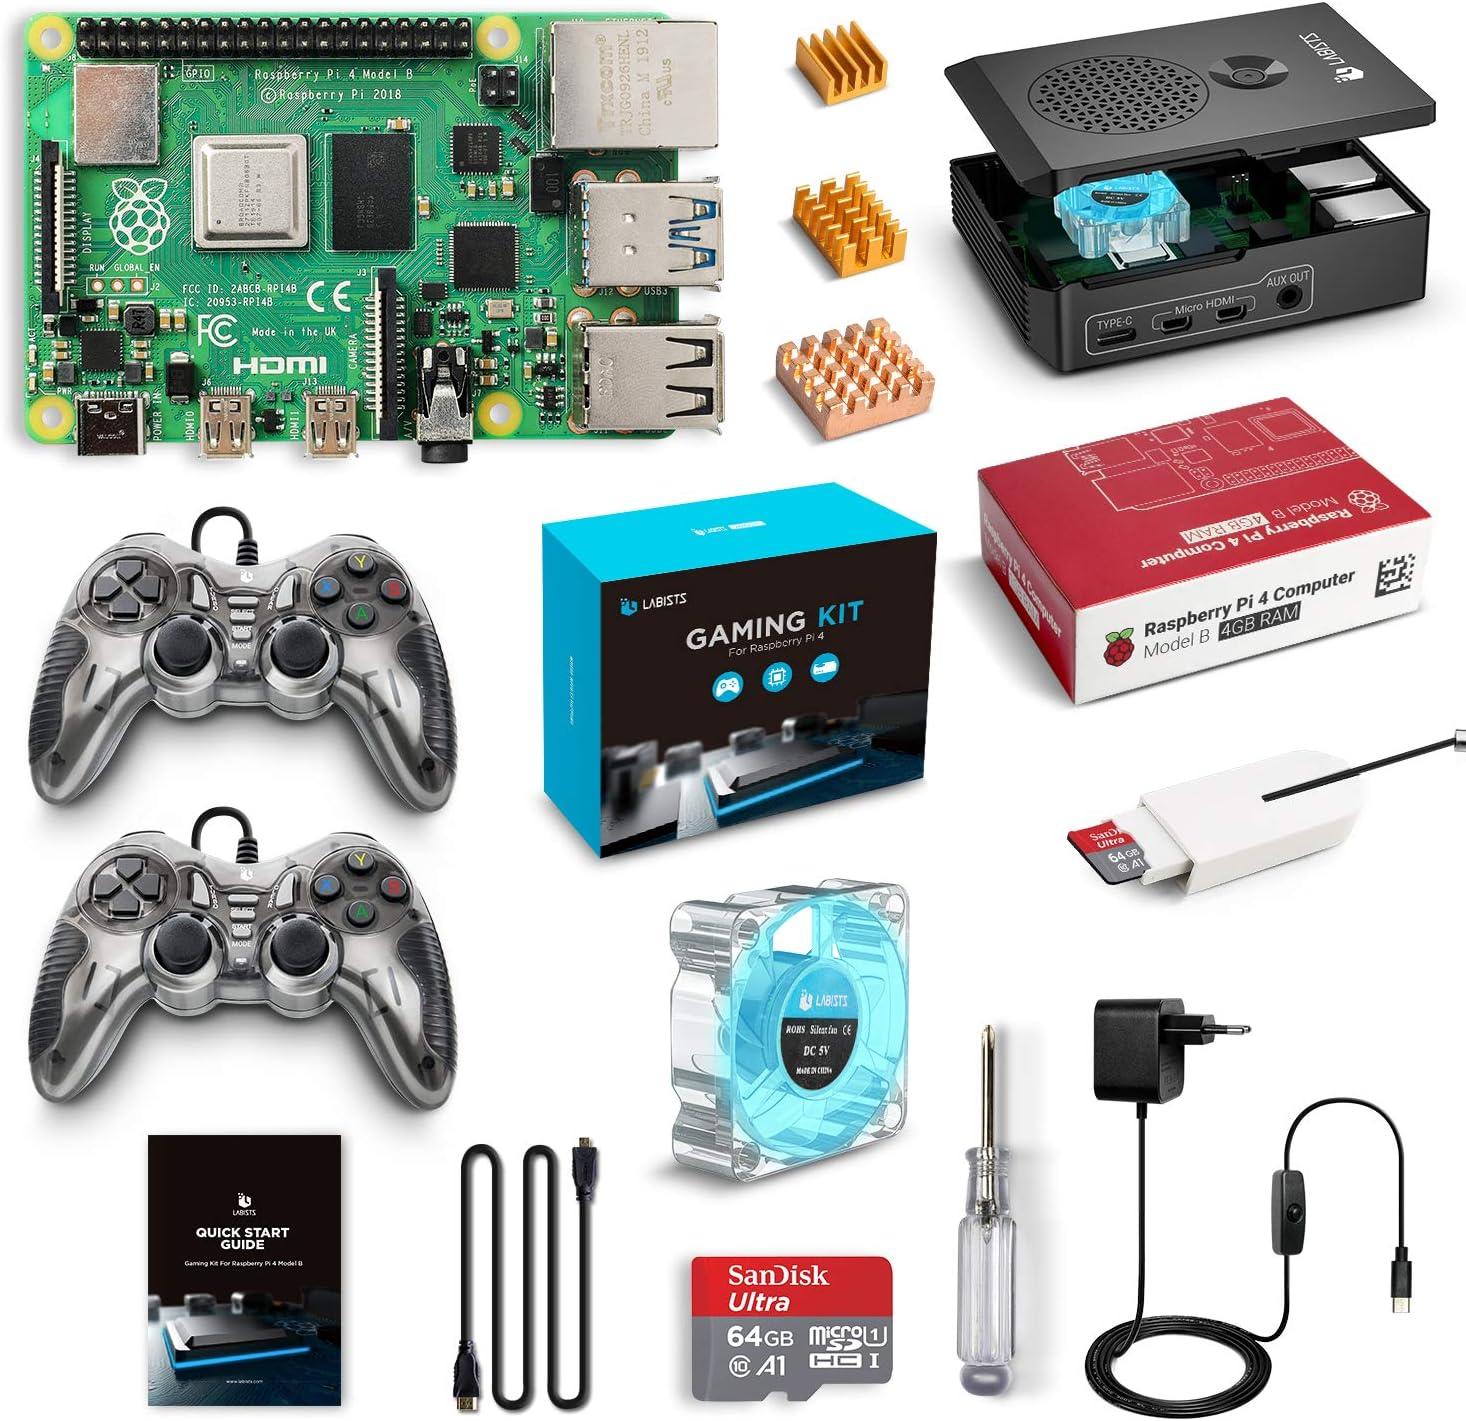 LABISTS Raspberry Pi 4 Gaming Kit avec 2 Manettes de Jeu, 64 Go Carte Micro SD Classe 10, Boîtier Noir, 5,1V 3A Alimentation Interrupteur Marche/Arrêt, Ventilateur, 3 Dissipateurs, Câble Micro HDMI